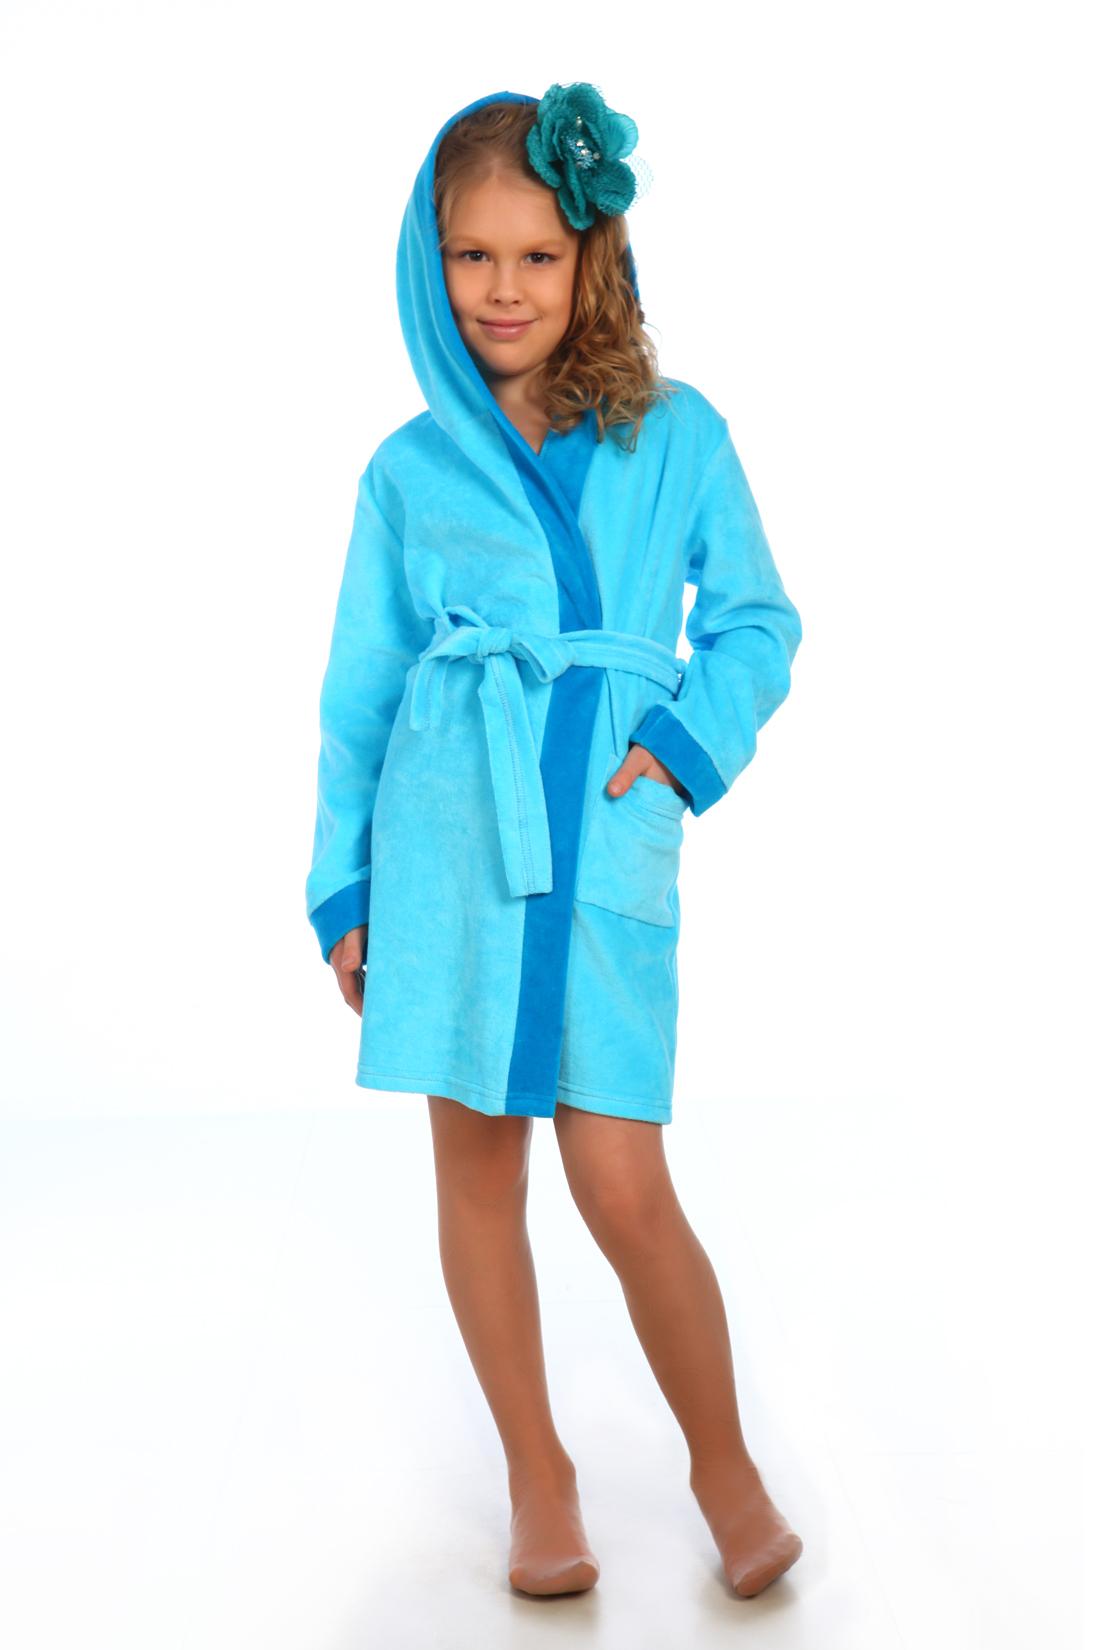 Сбор заказов. Стильный ребенок! Ивановский трикотаж для мальчишек и девчонок ! Есть школьная коллекция. Модные водолазки, джемпера, толстовки, спортивные костюмы, а также нарядные платья, халатики и пижамки . Самые низкие цены за высокое качество!